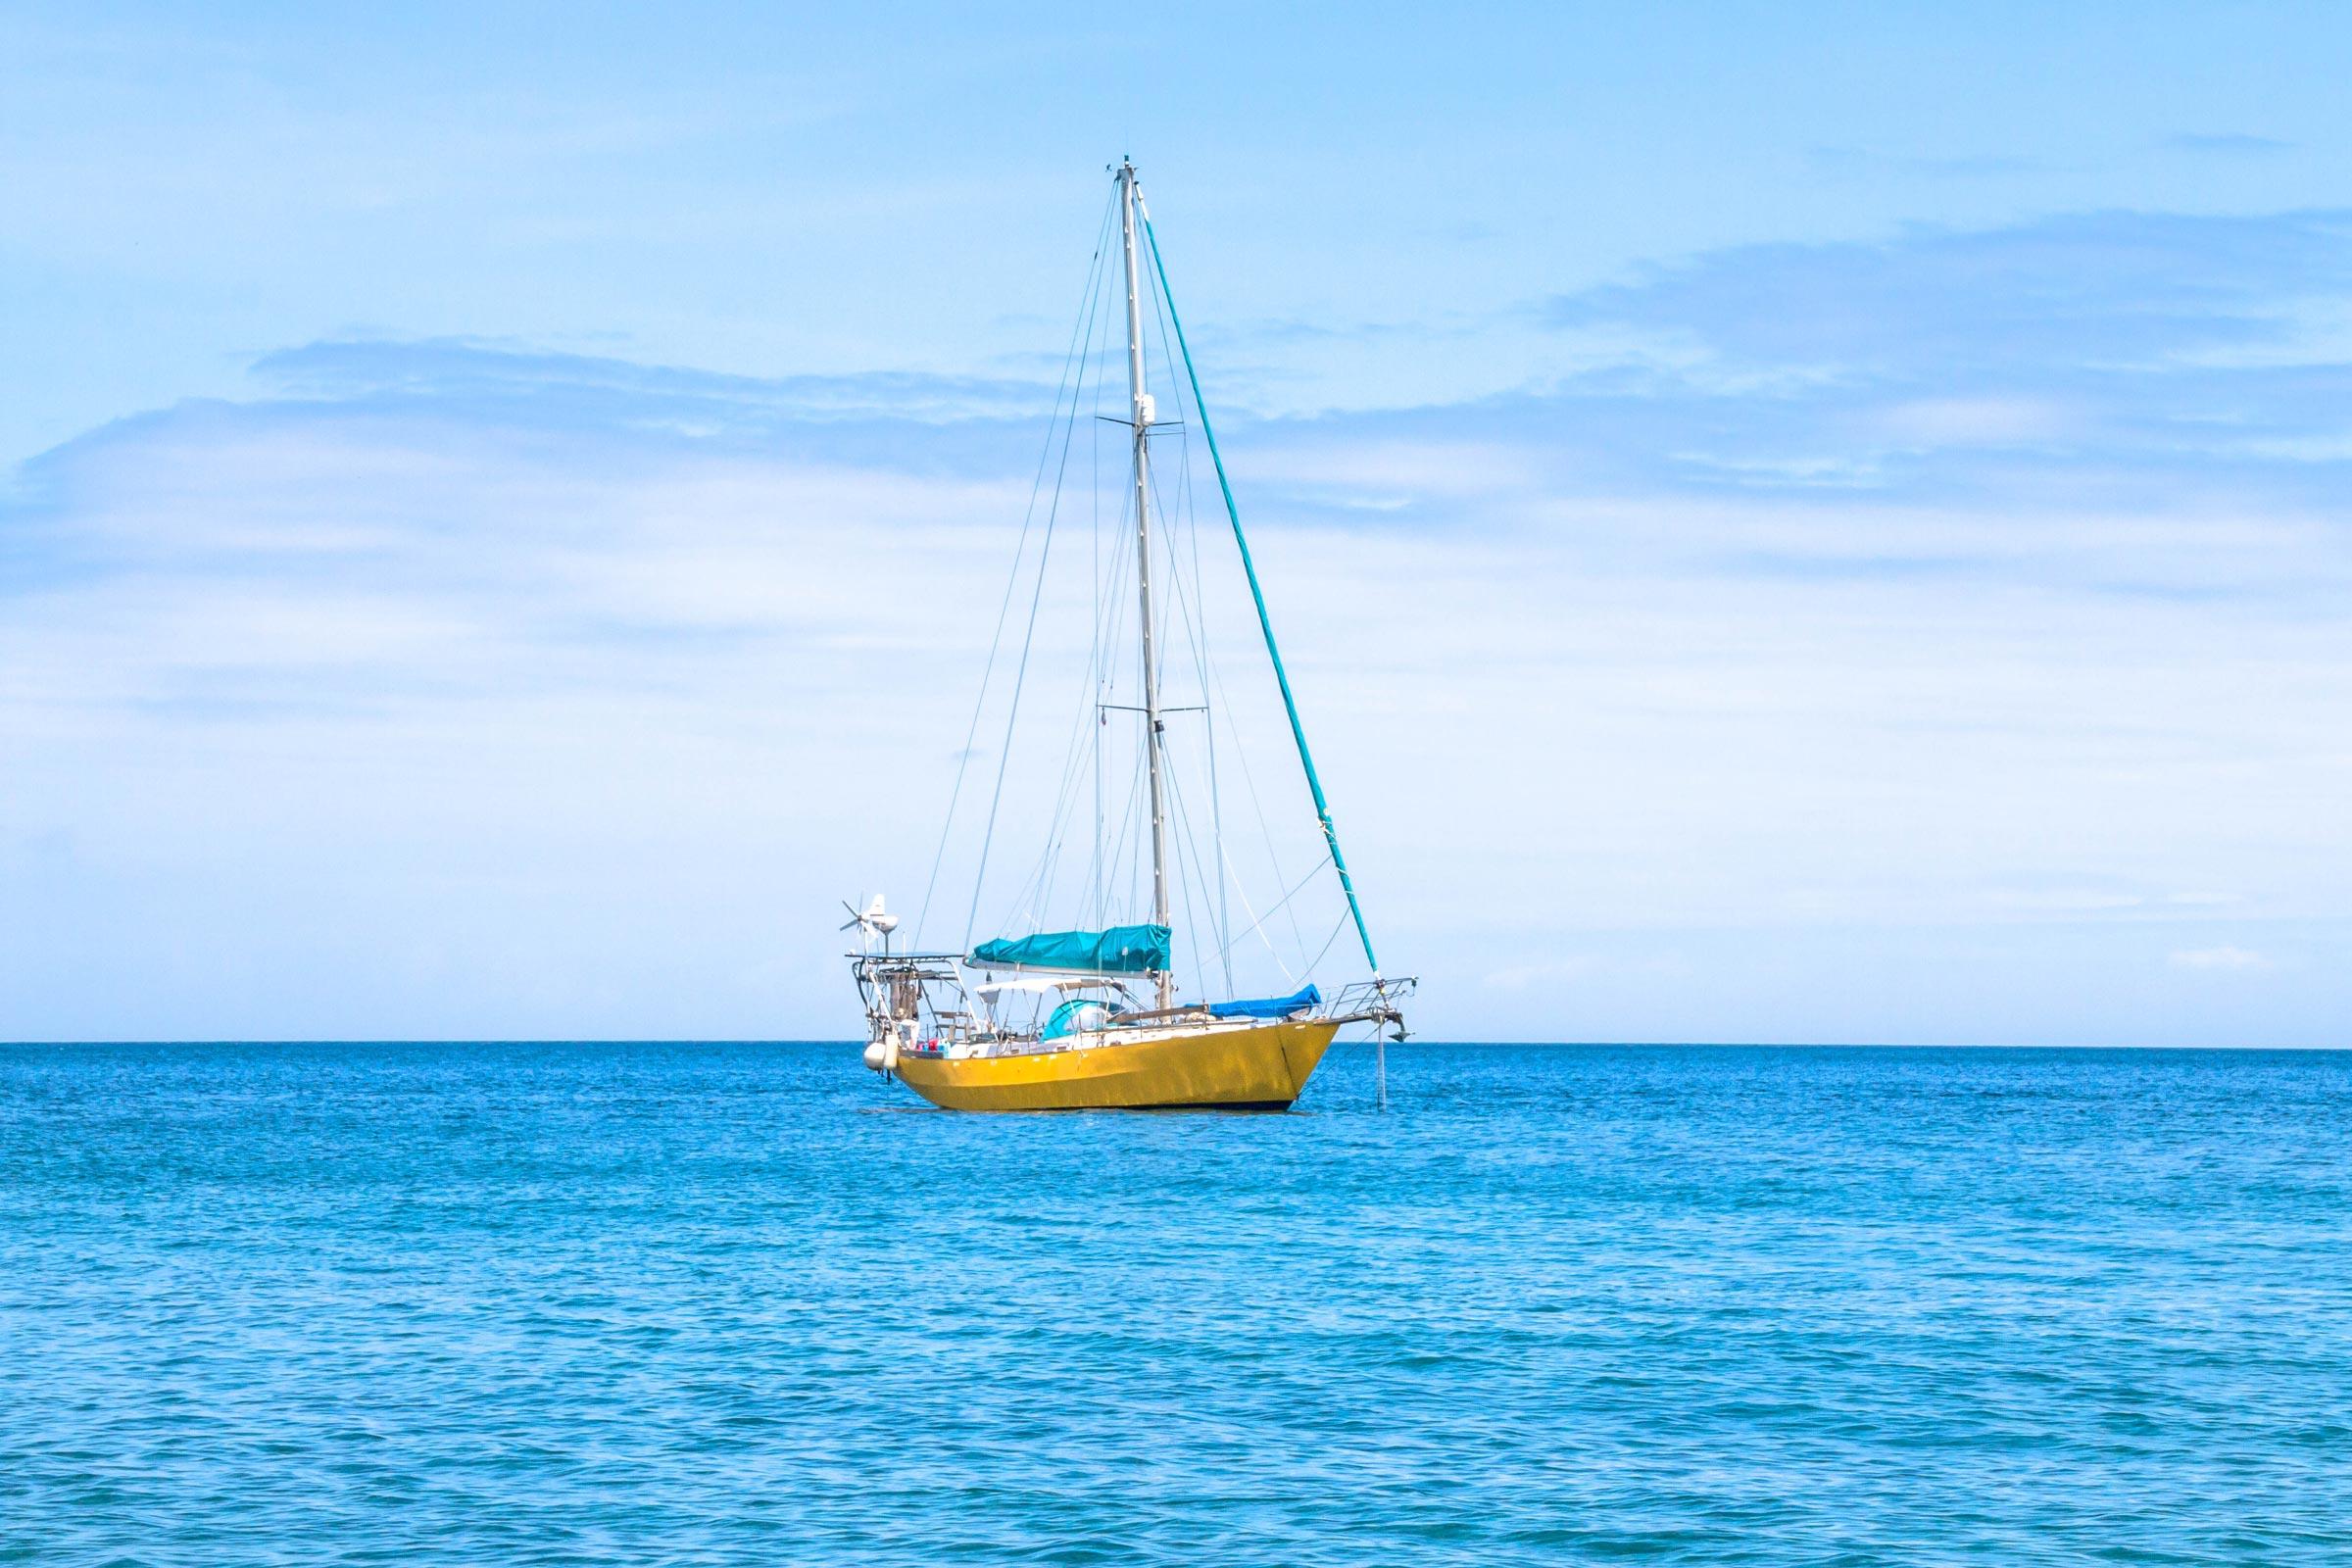 Blue sea with yello boat